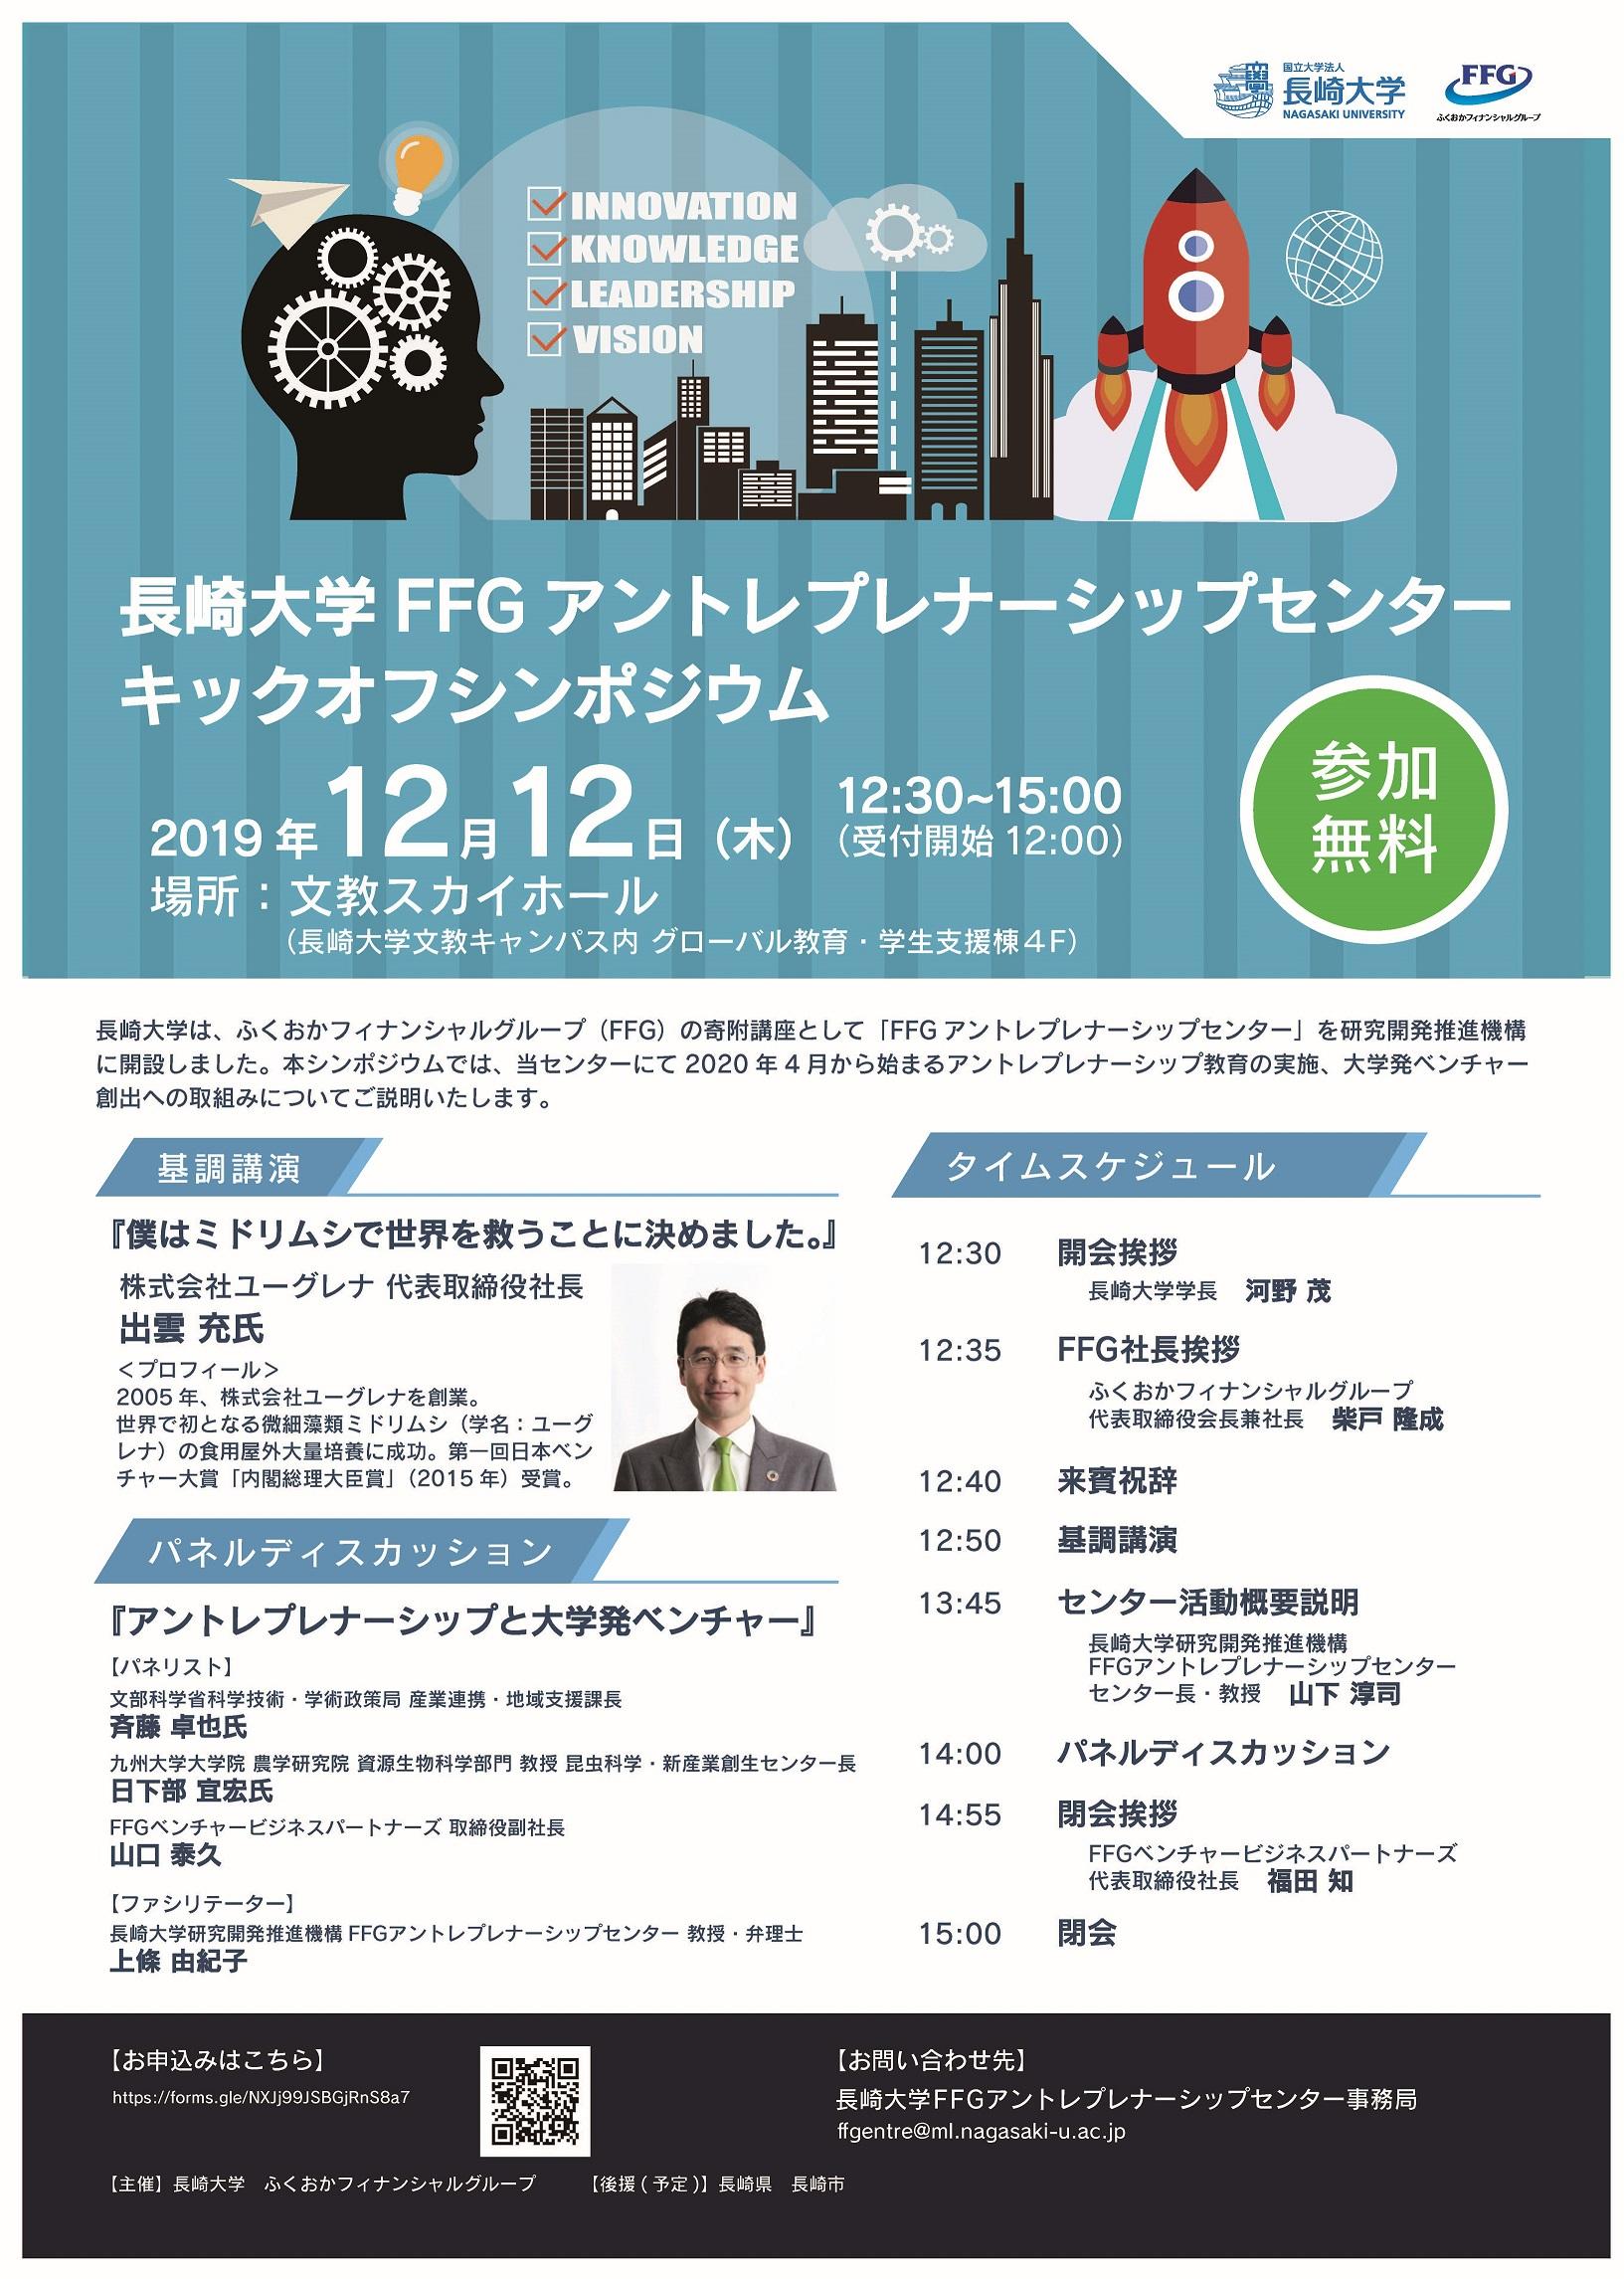 長崎大学ffgアントレプレナーシップセンターキックオフシンポジウム